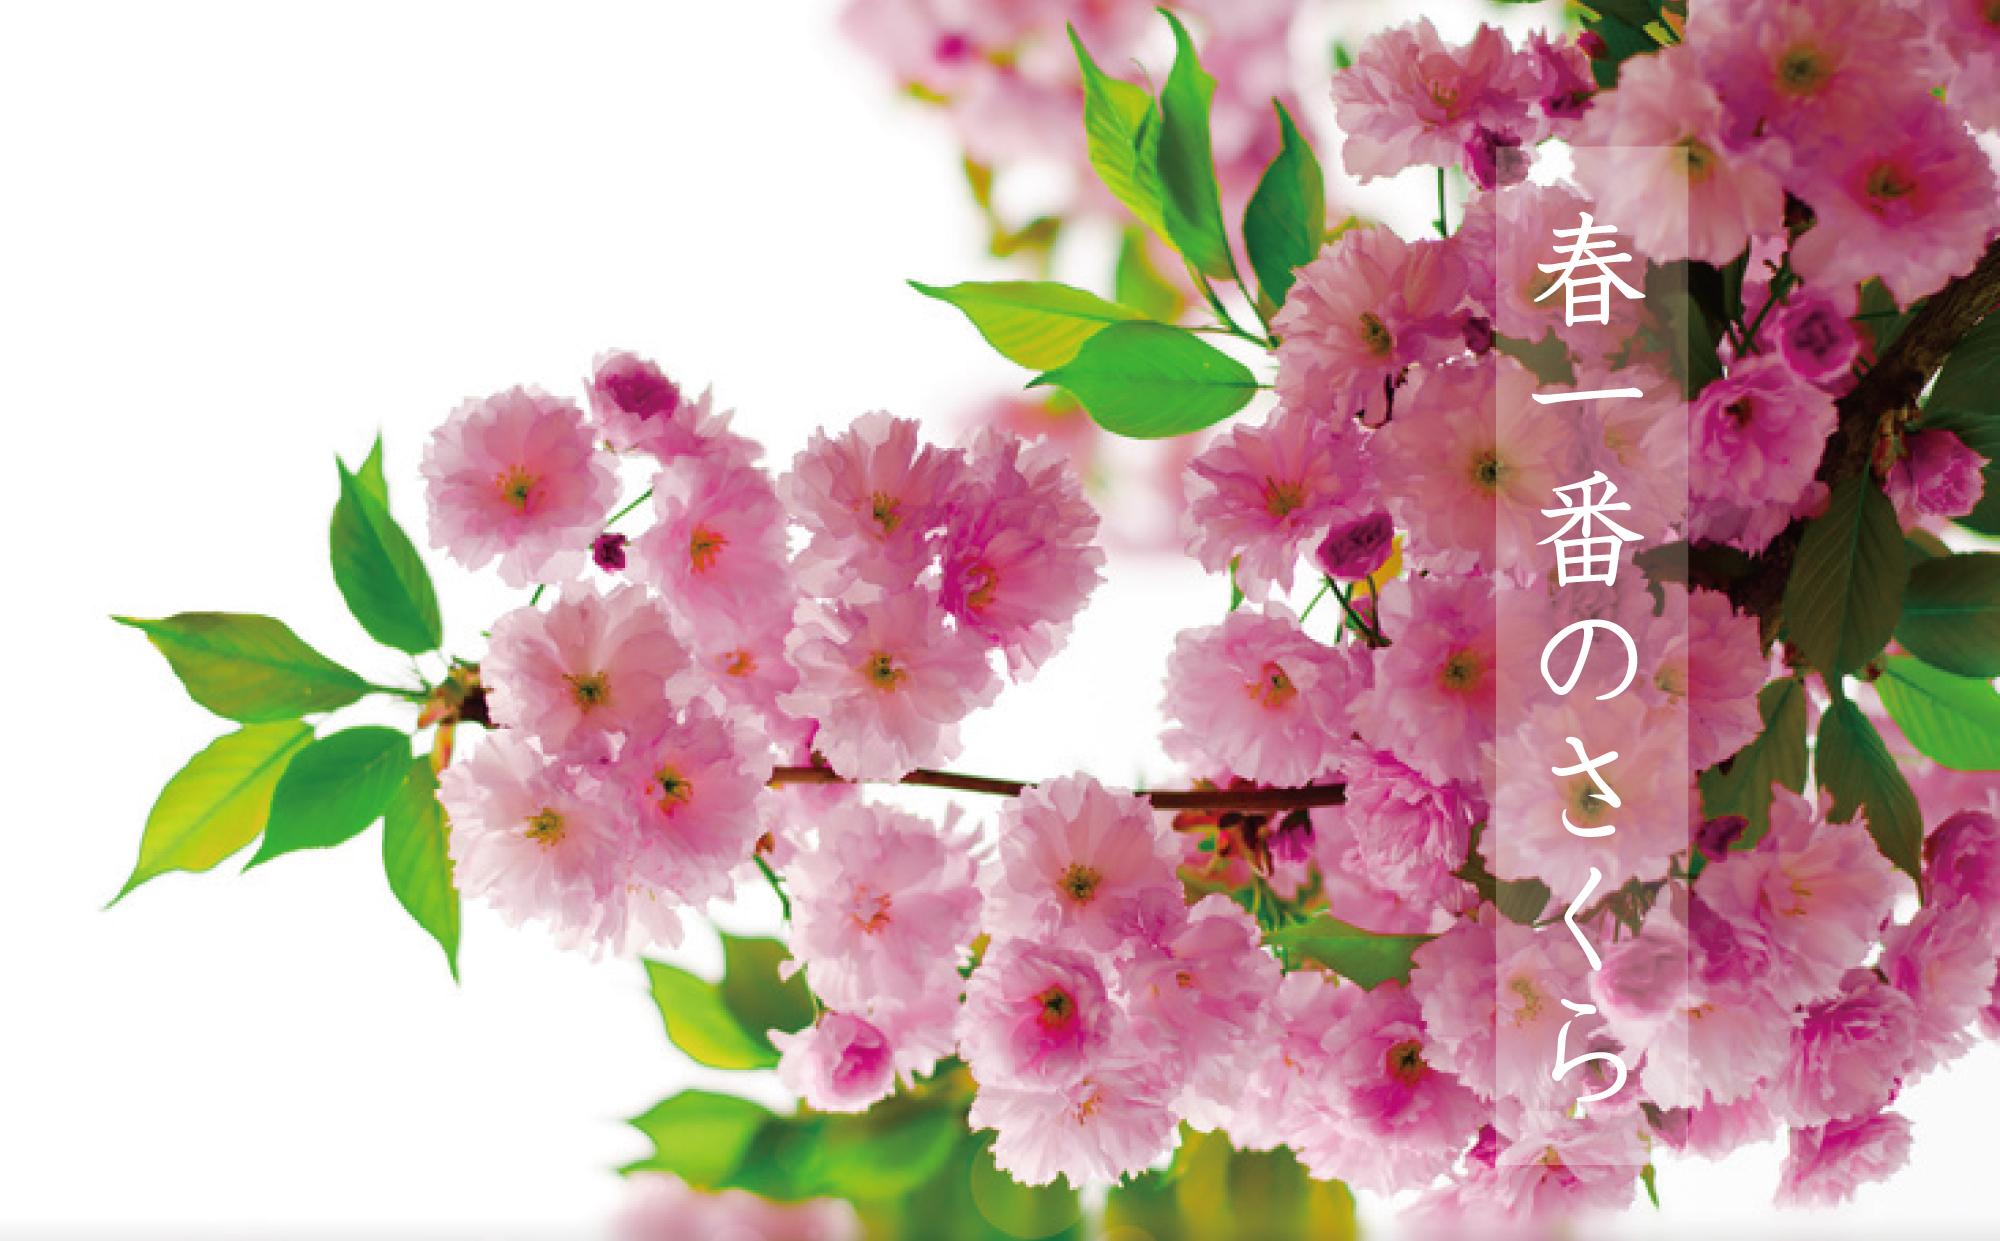 桜コンテンツ管理画像02